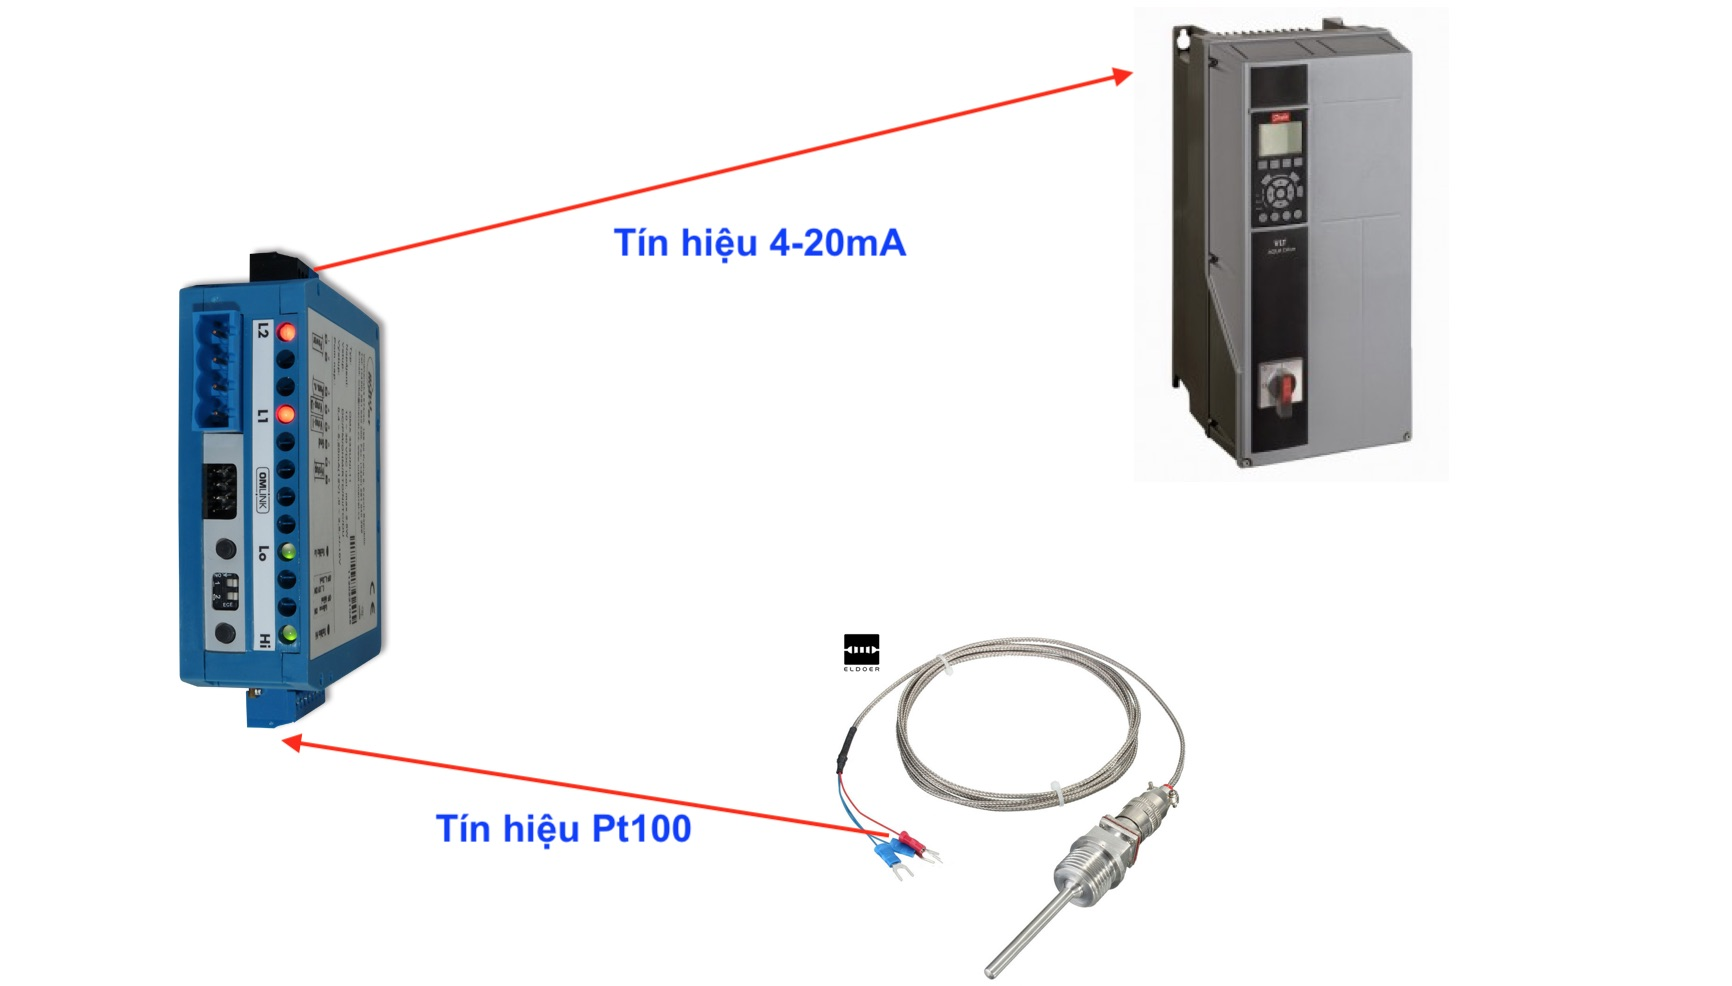 Bộ chuyển nhiệt độ Pt100 ra 4-20mA